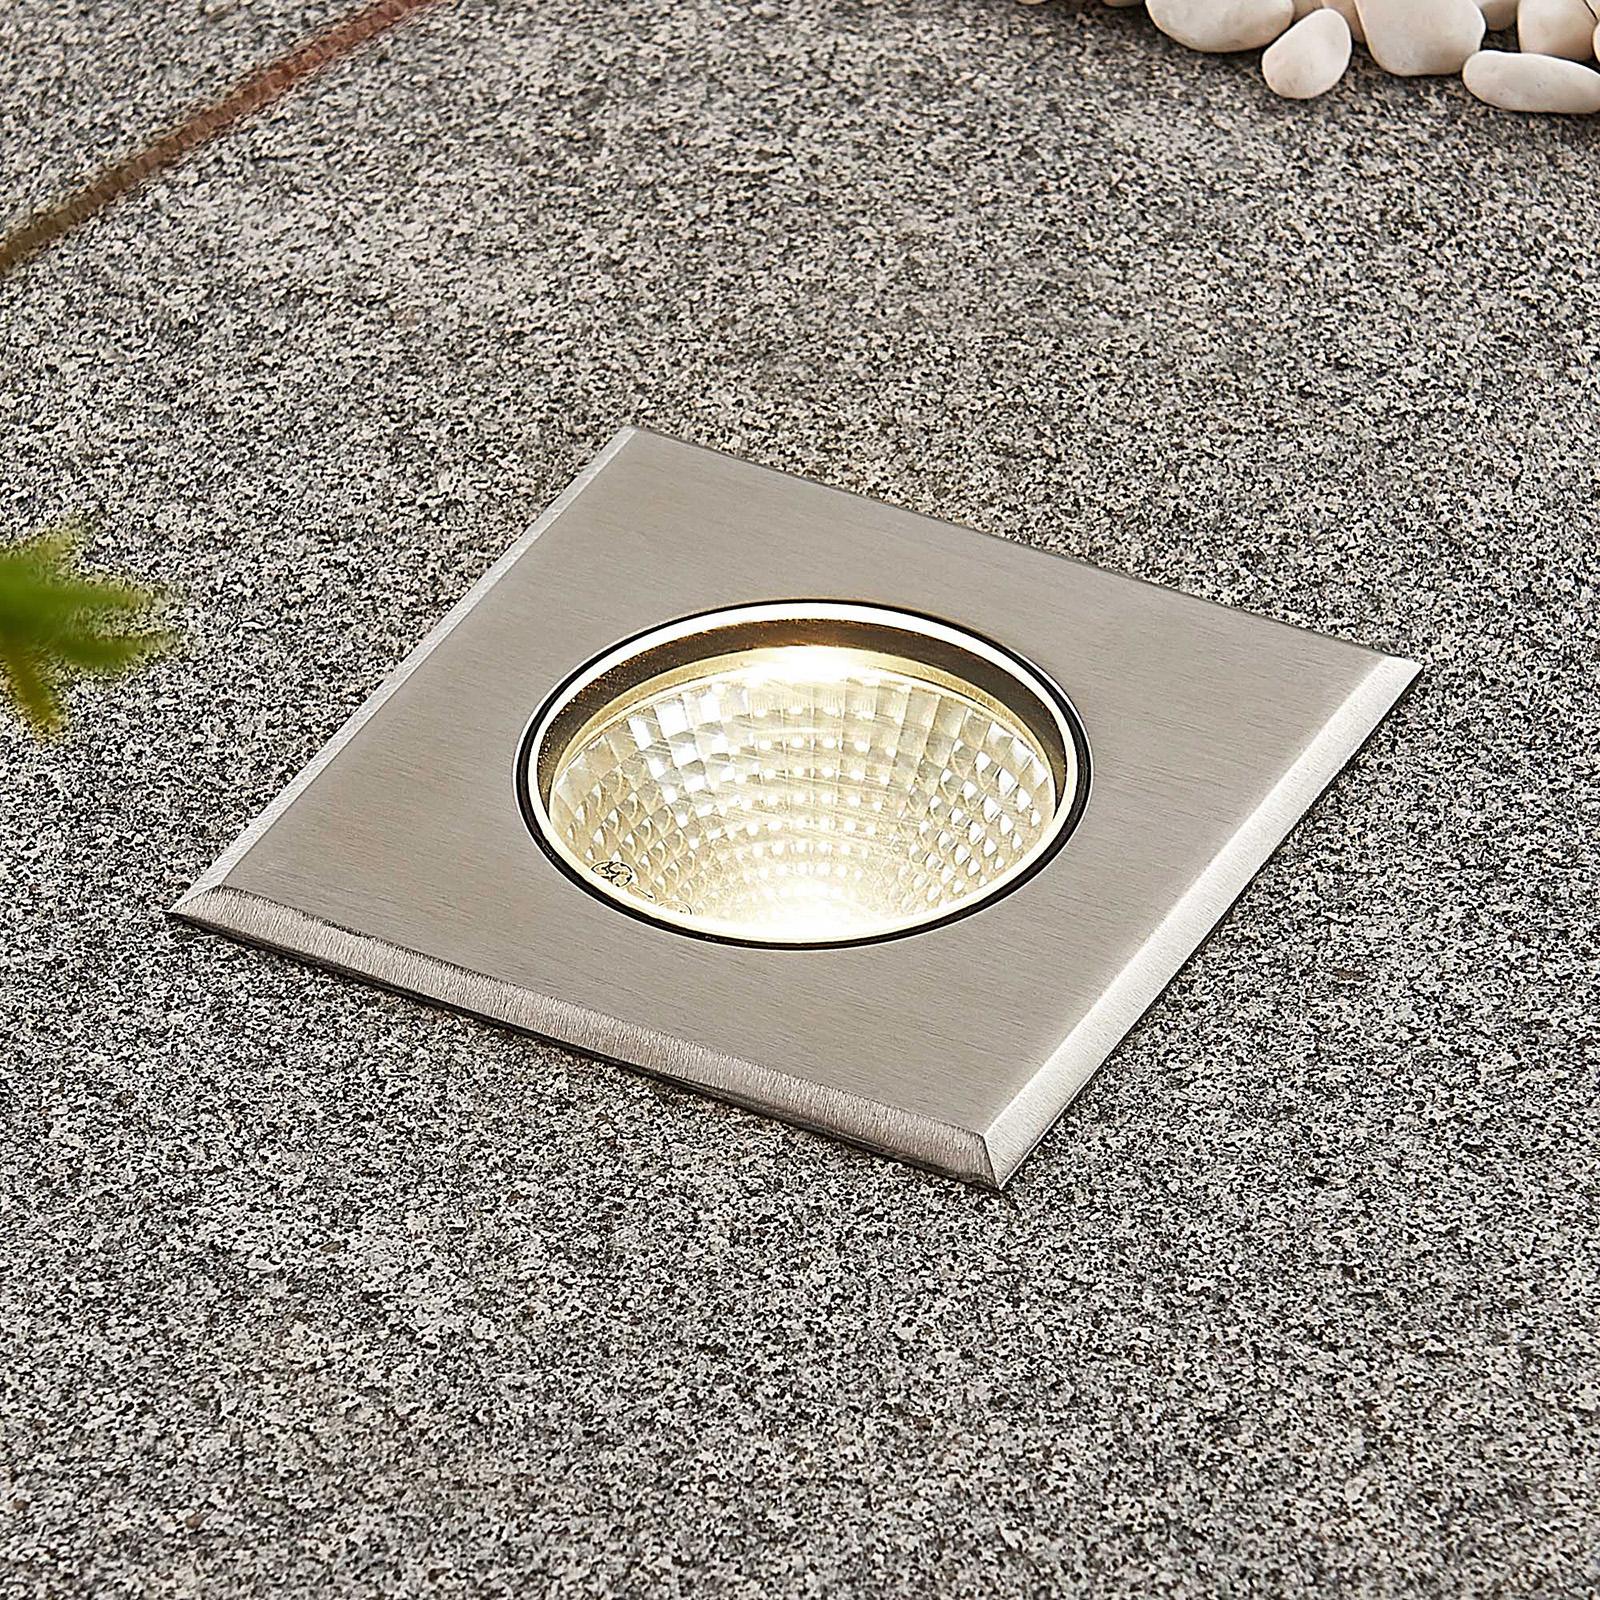 LED-lattiauppovalaisin Sulea, IP67, kulmikas